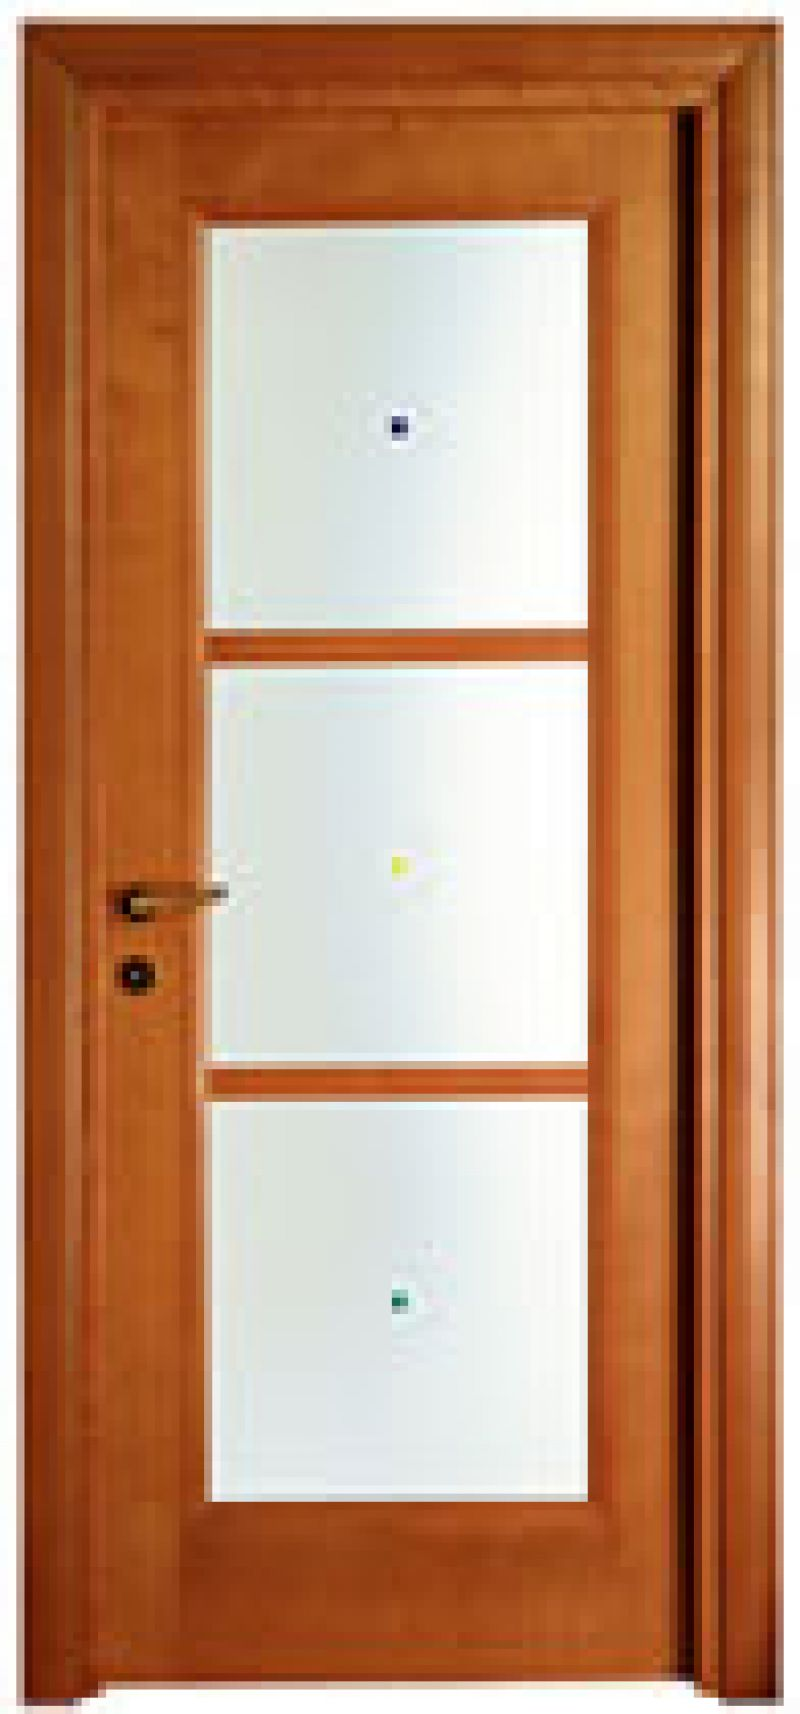 Porte a vetri per interni online Vendita Porte a vetri in legno ...